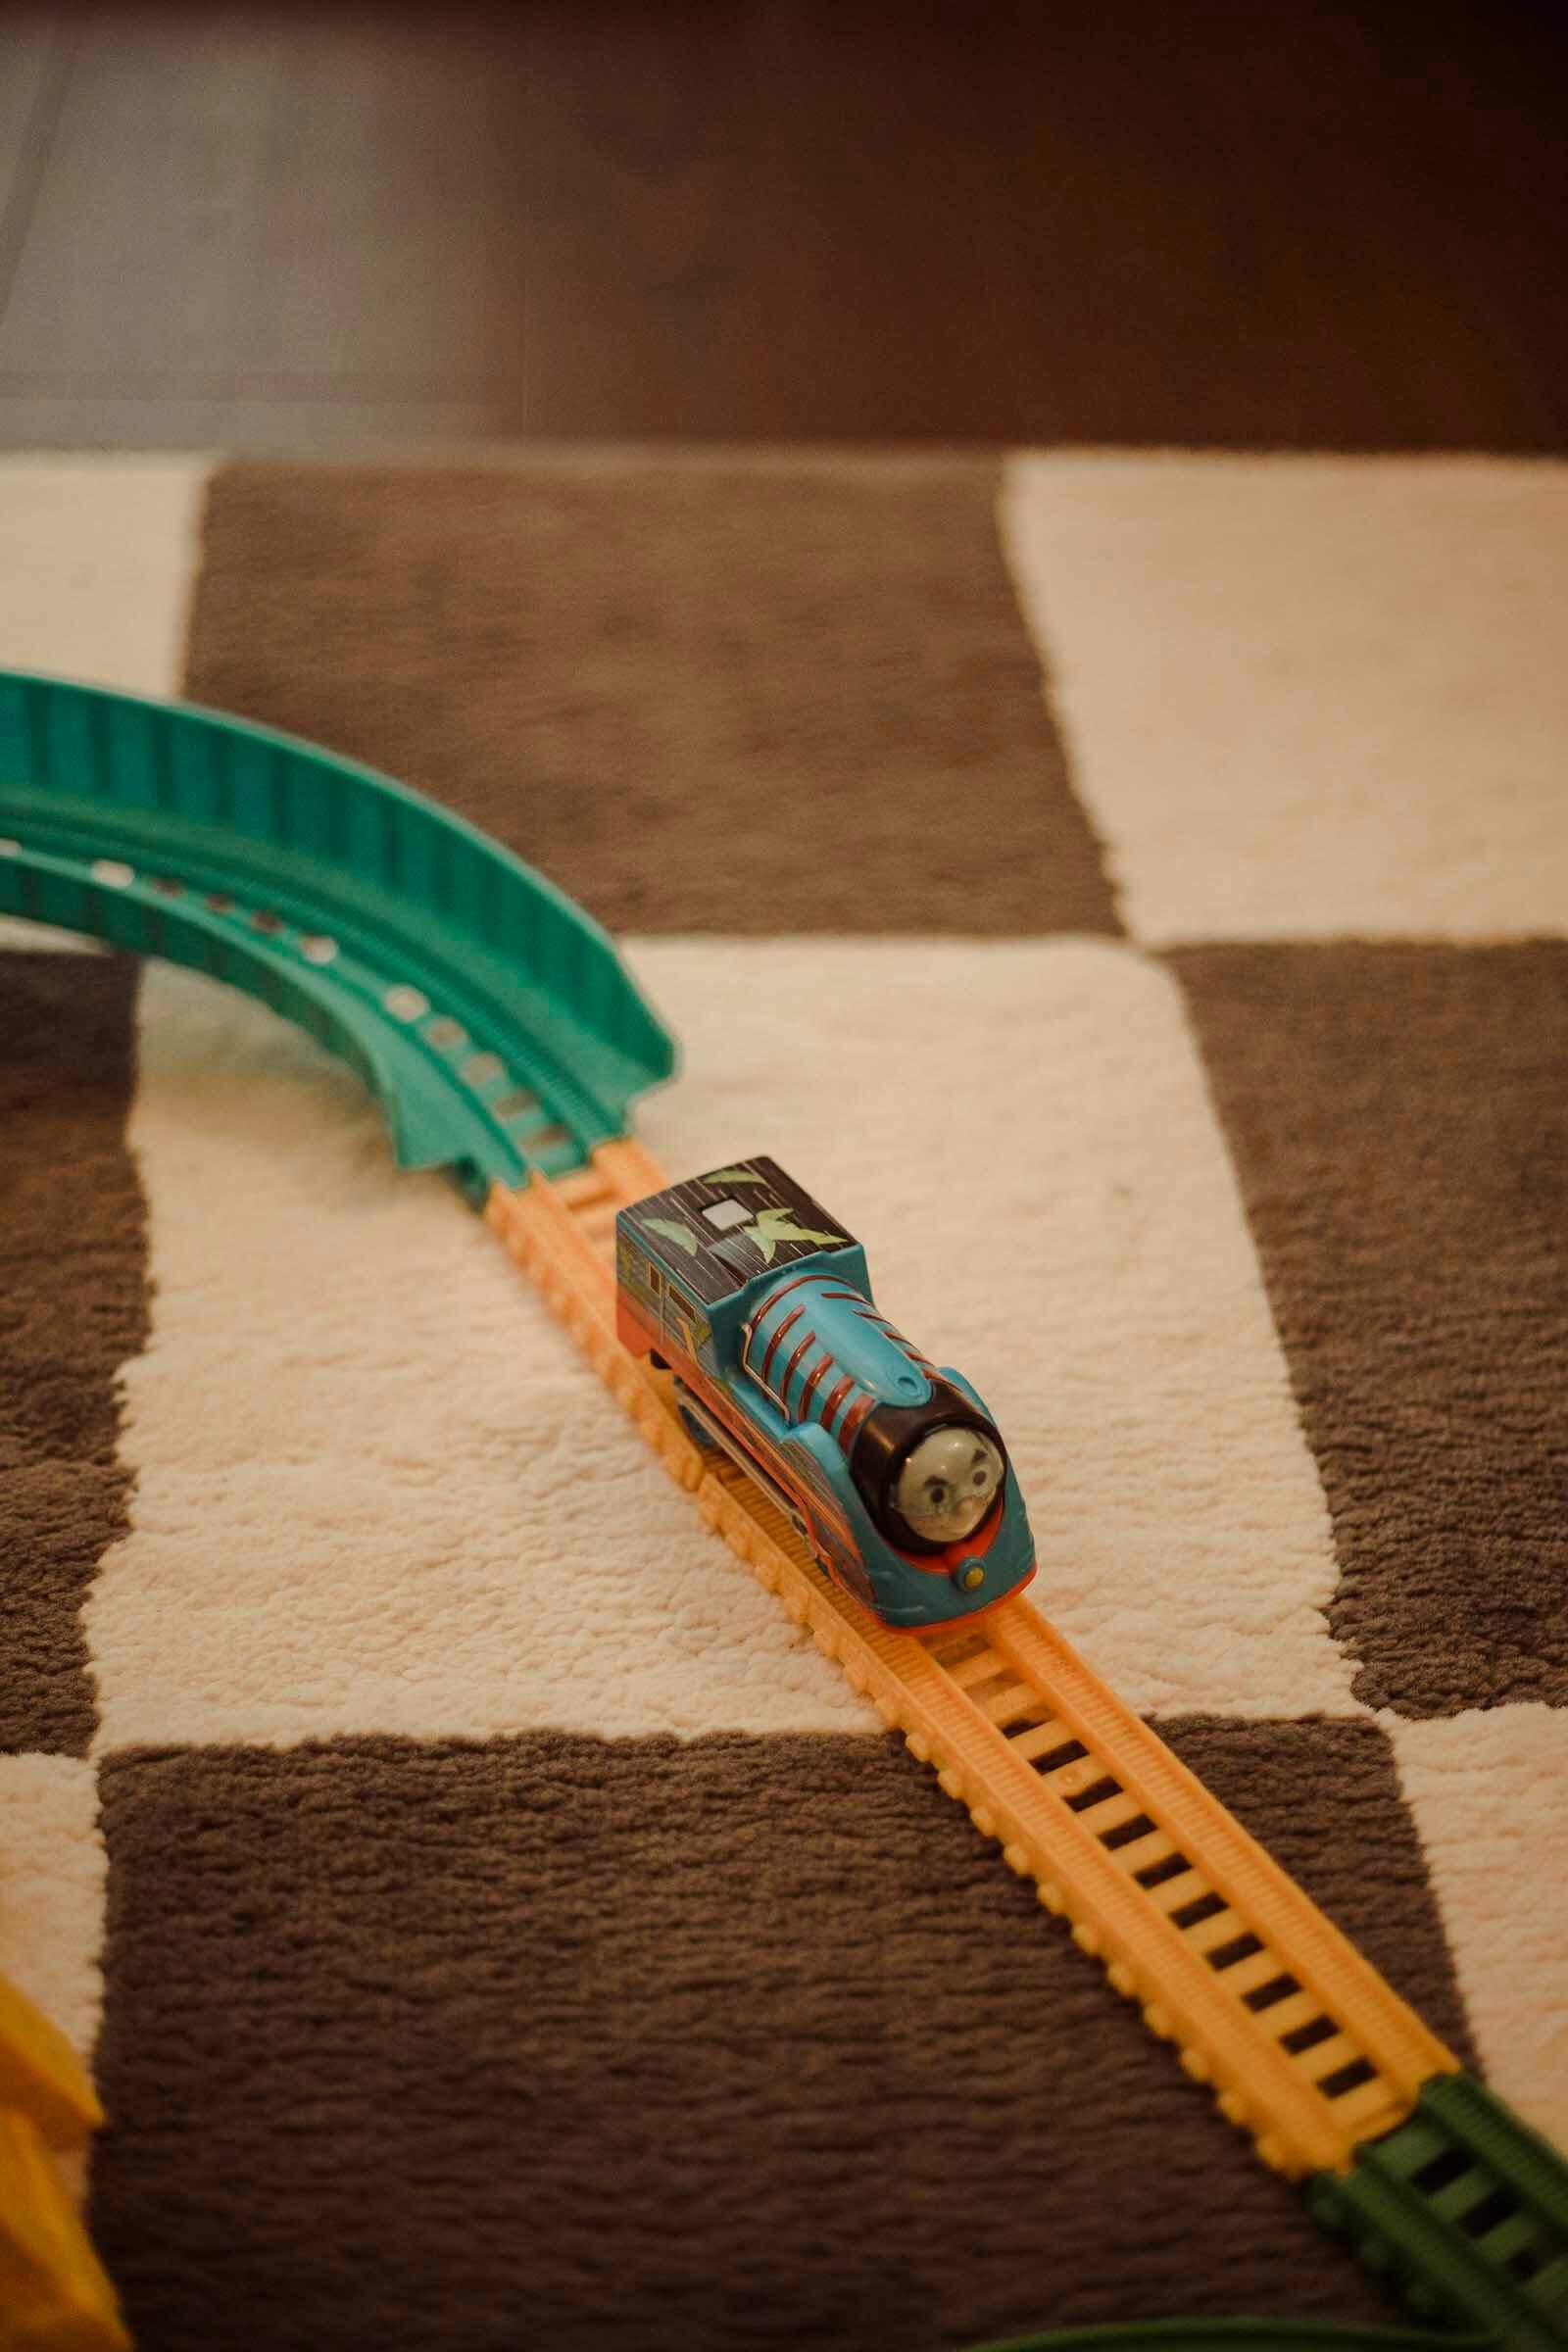 Pista Turbo Velocità di Il Trenino Thomas Ricominciodaquattro